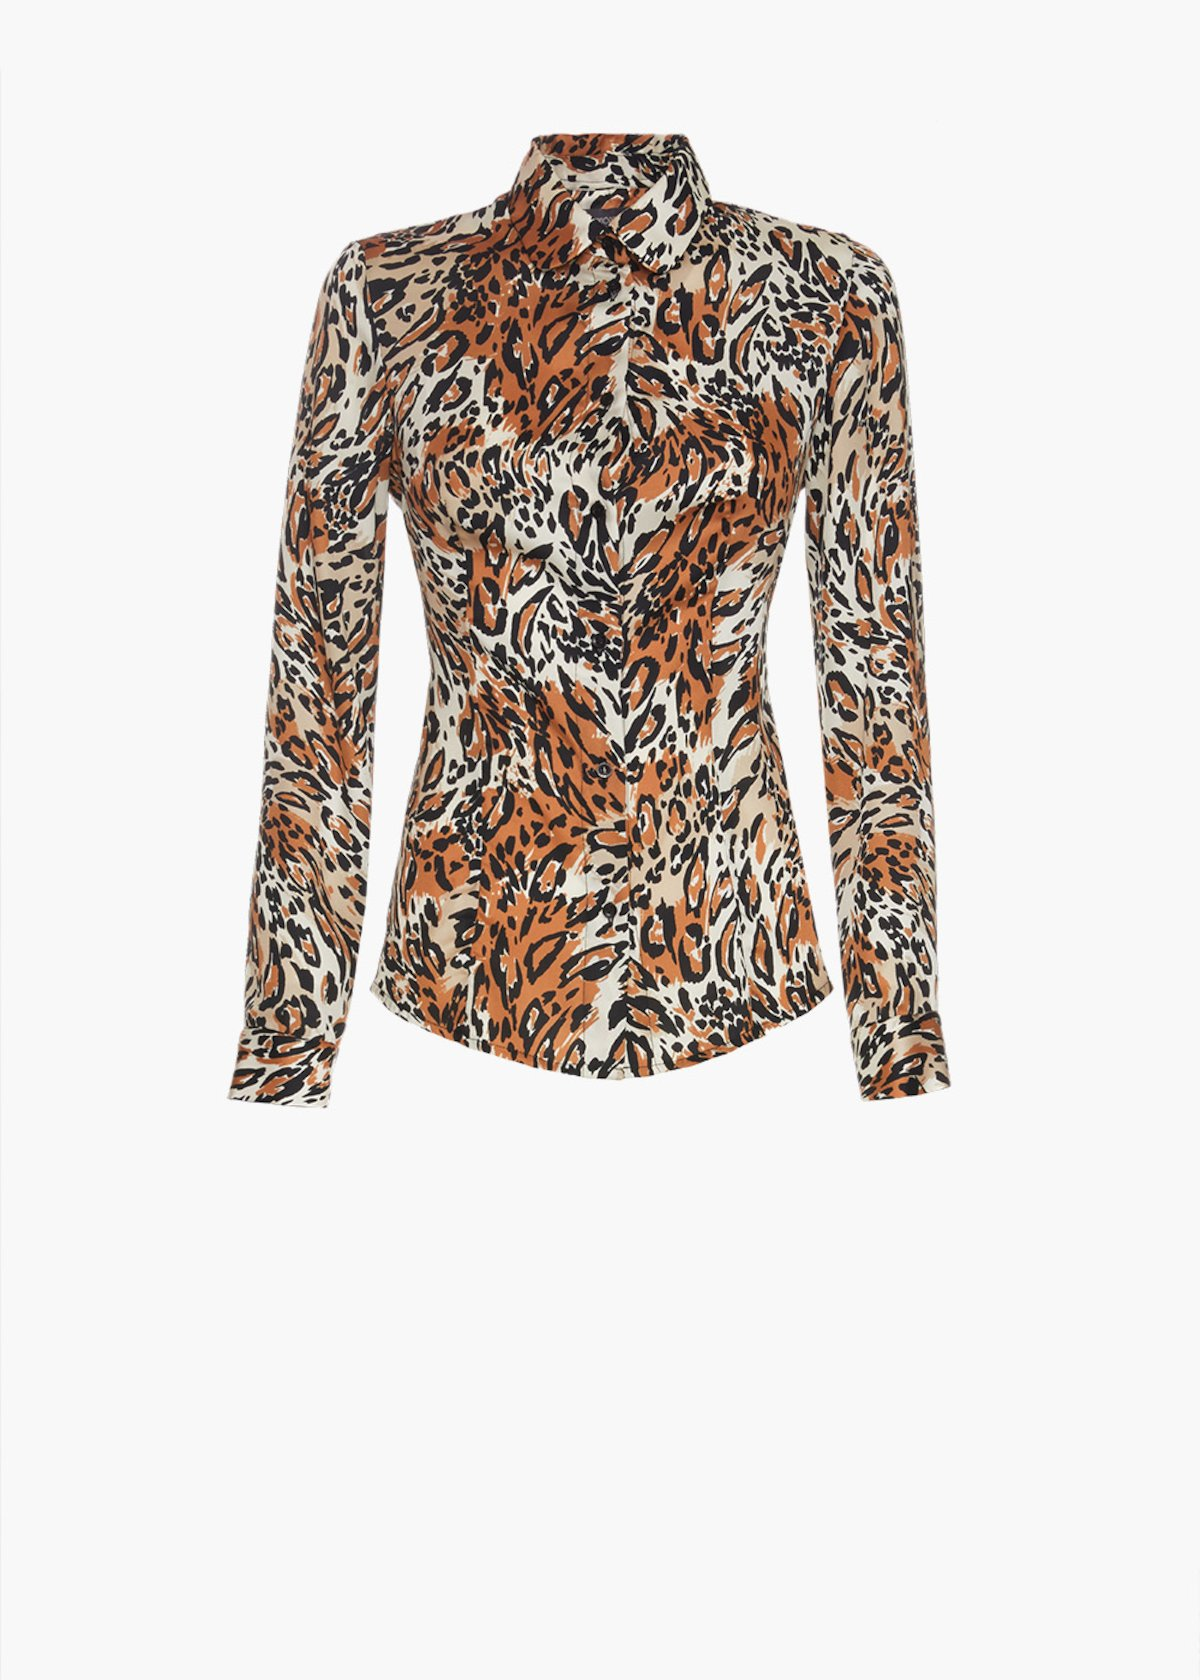 Camicia Cindy con stampa animalier - Beige Animalier - Donna - Immagine categoria